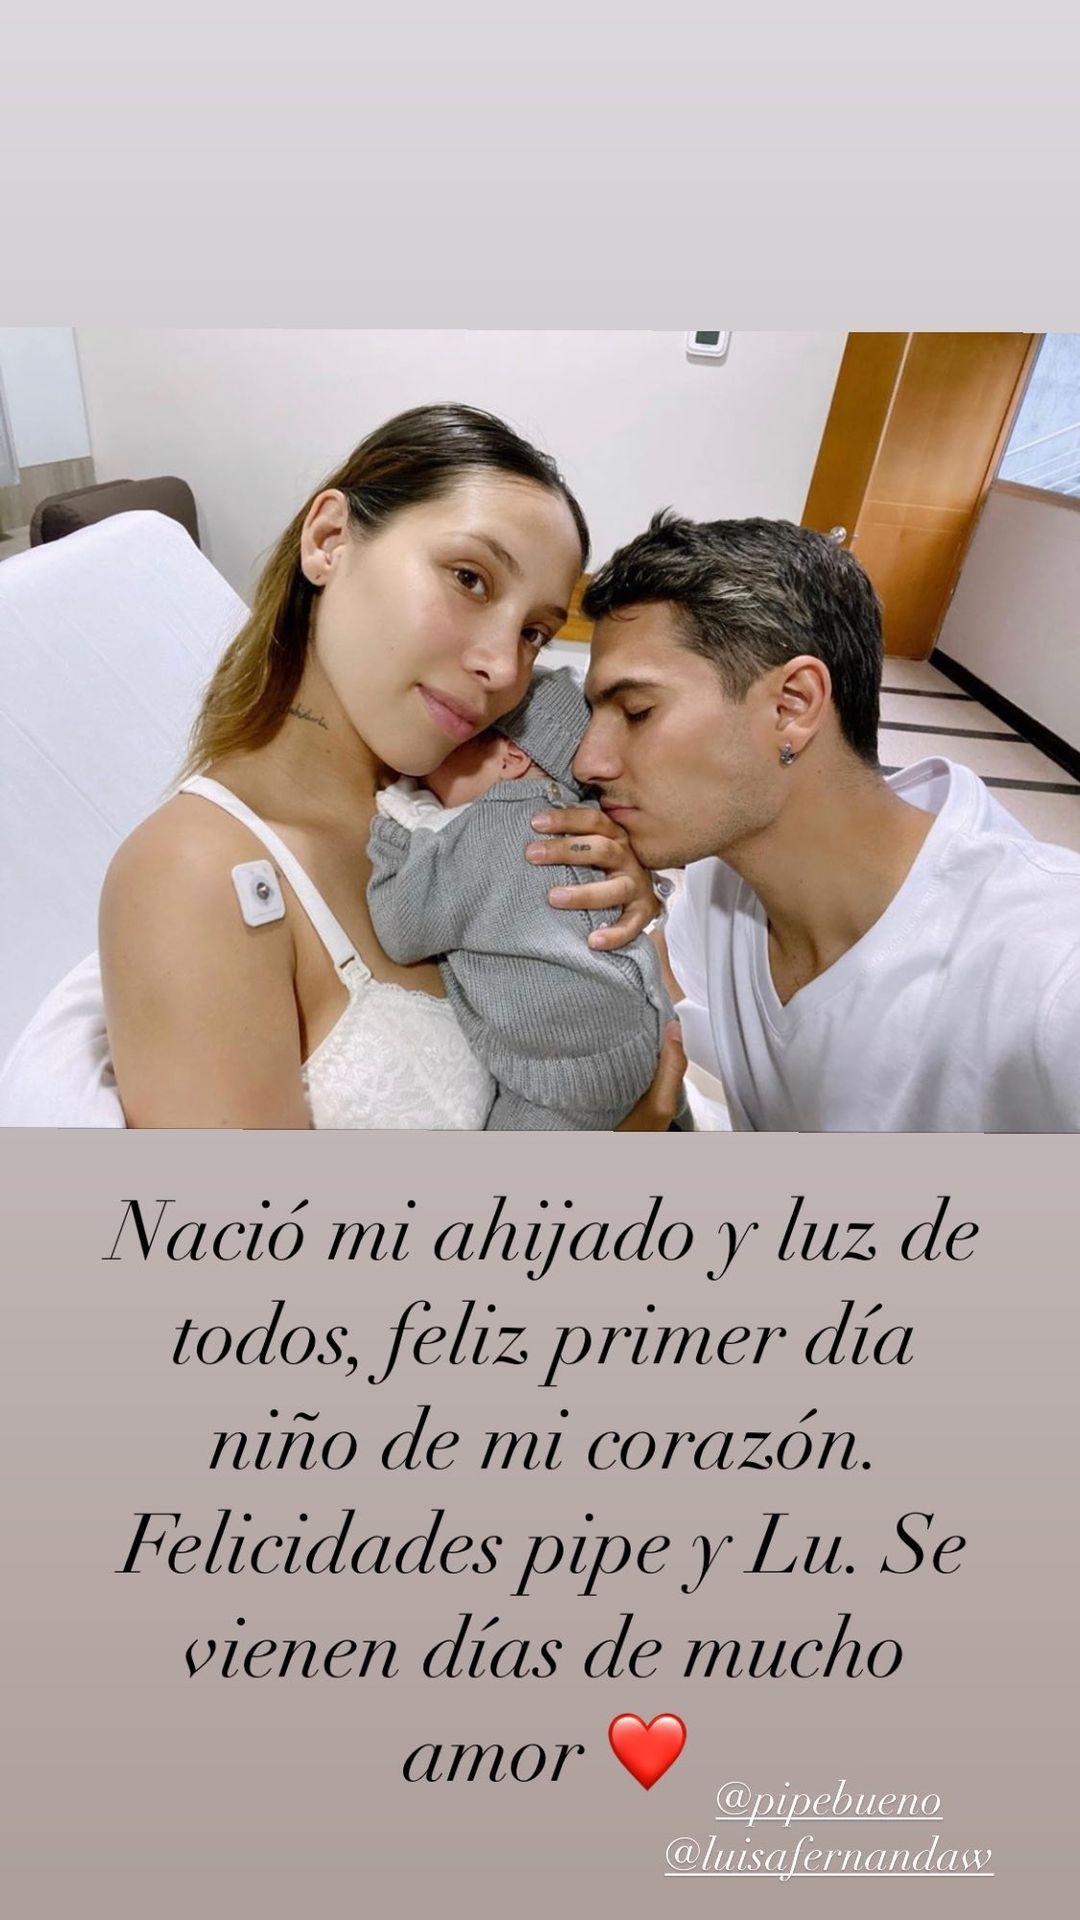 Maluma confesó que será el padrino del bebé de Luisa Fernanda W